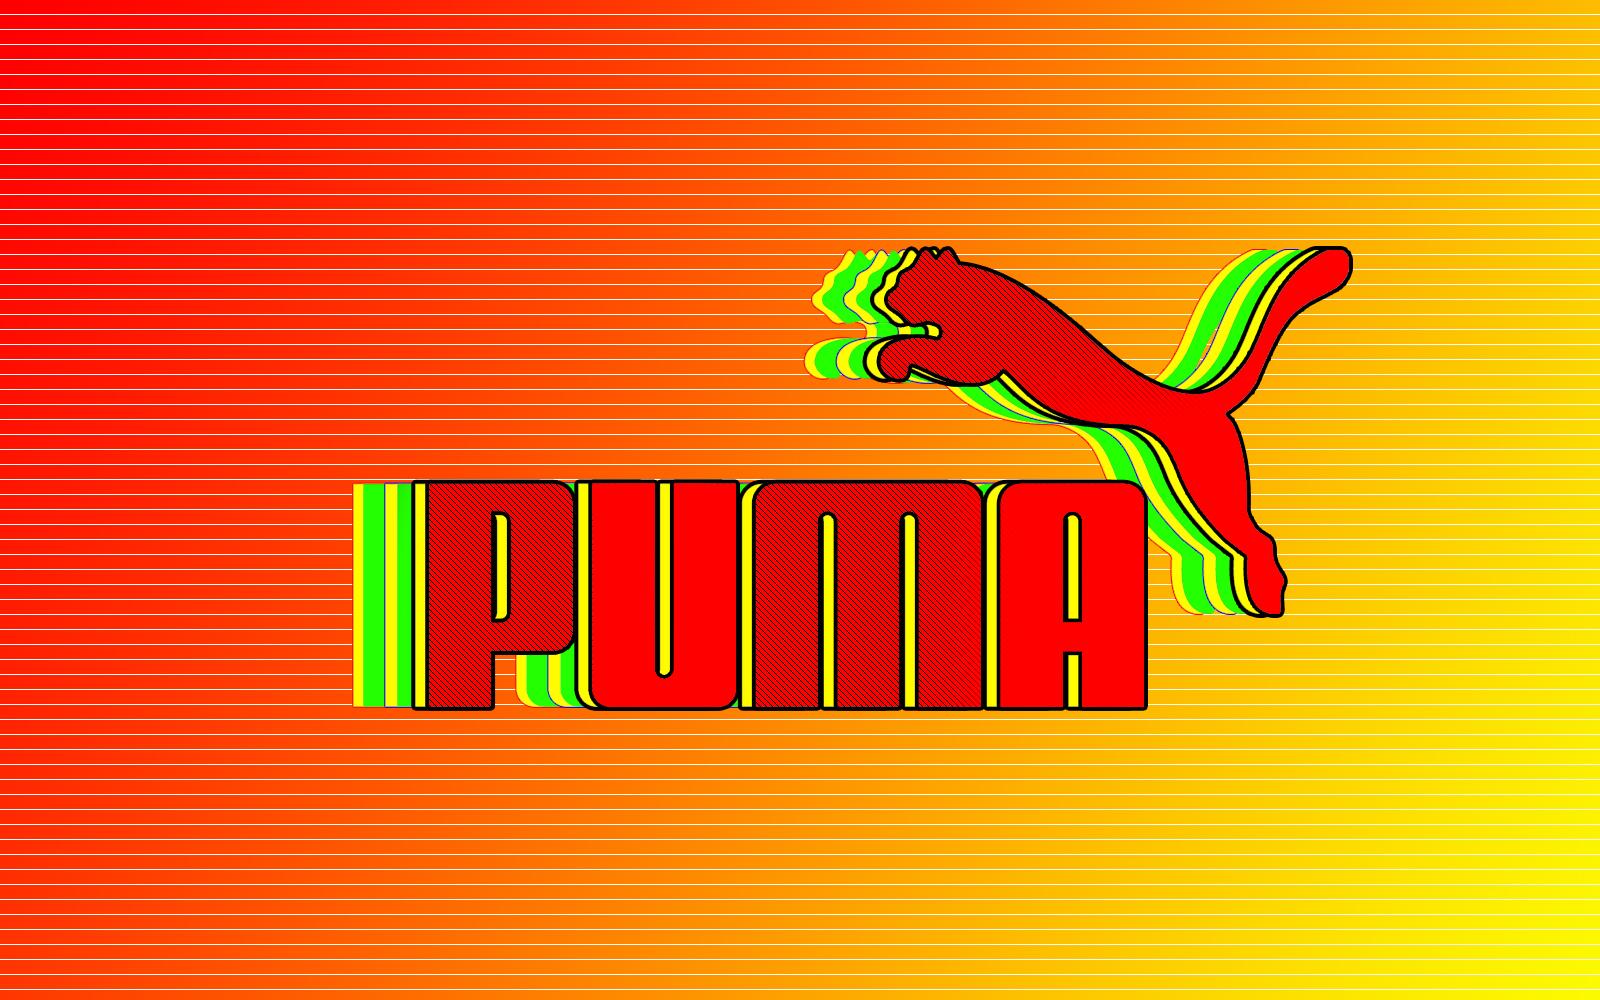 http://1.bp.blogspot.com/-wpU9FLTklt4/TrYdJsuYCYI/AAAAAAAAABg/dcraowoPQE4/s1600/Puma_Logo_by_wytzelangen.jpg